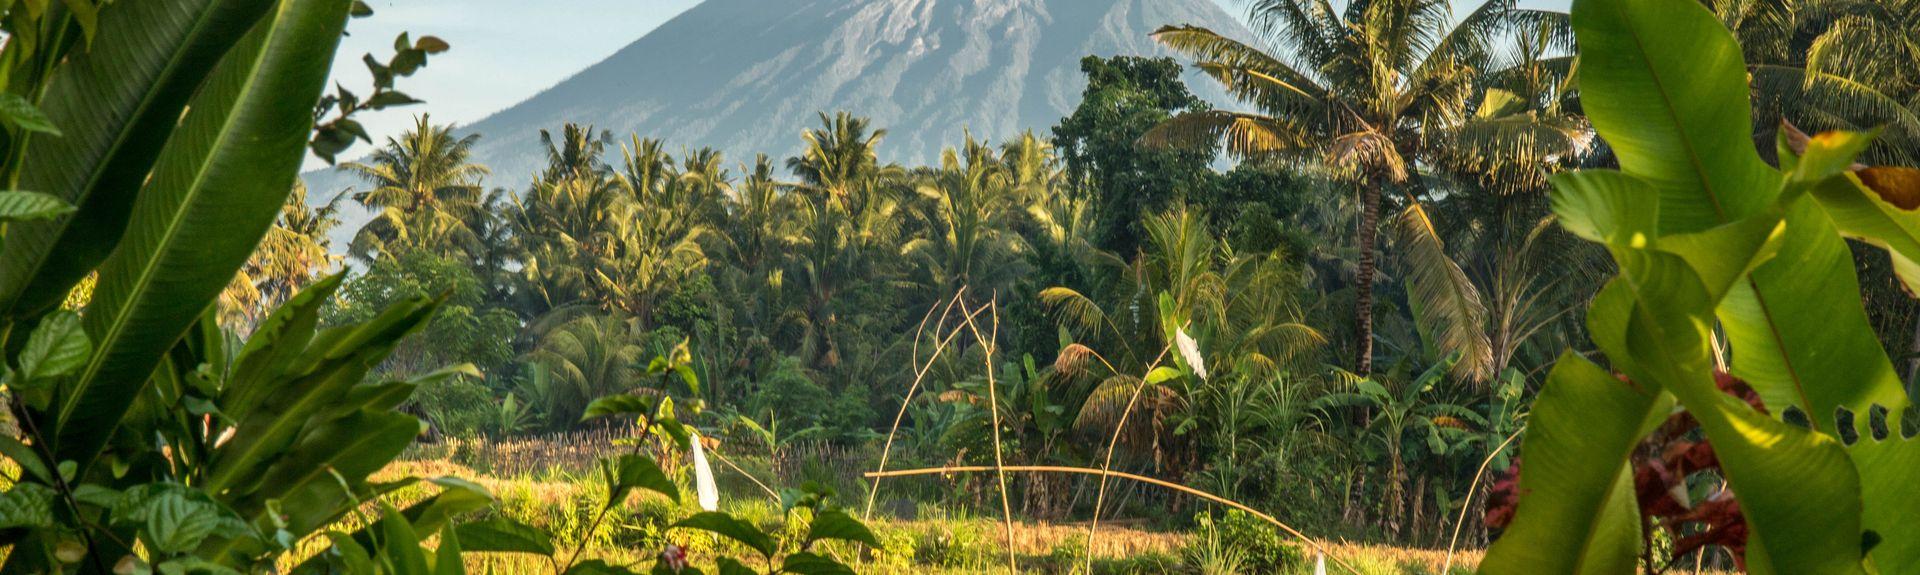 Candi Dasa, Bali, Indonesia